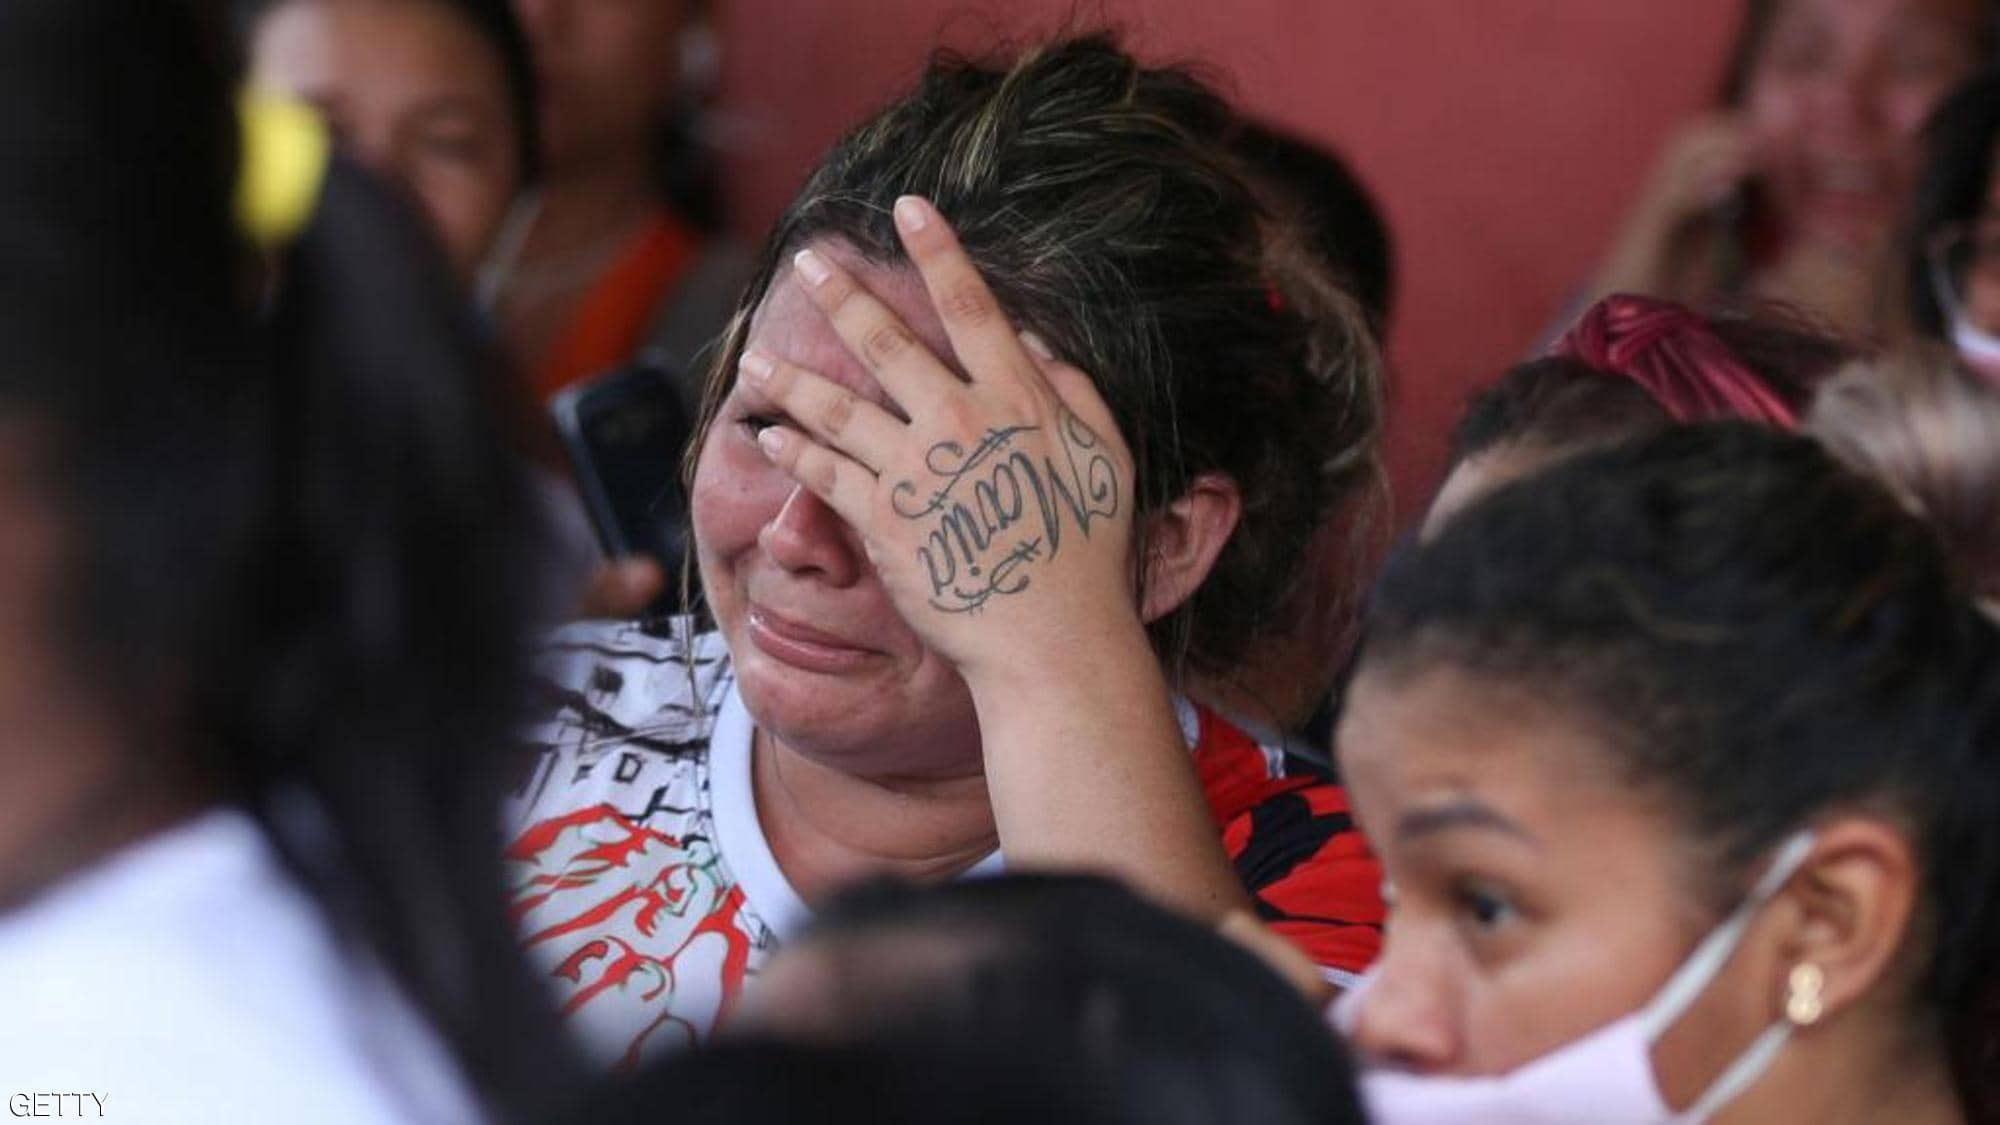 1 1341365 - محاولة جريئة للهروب من سجن برازيلي